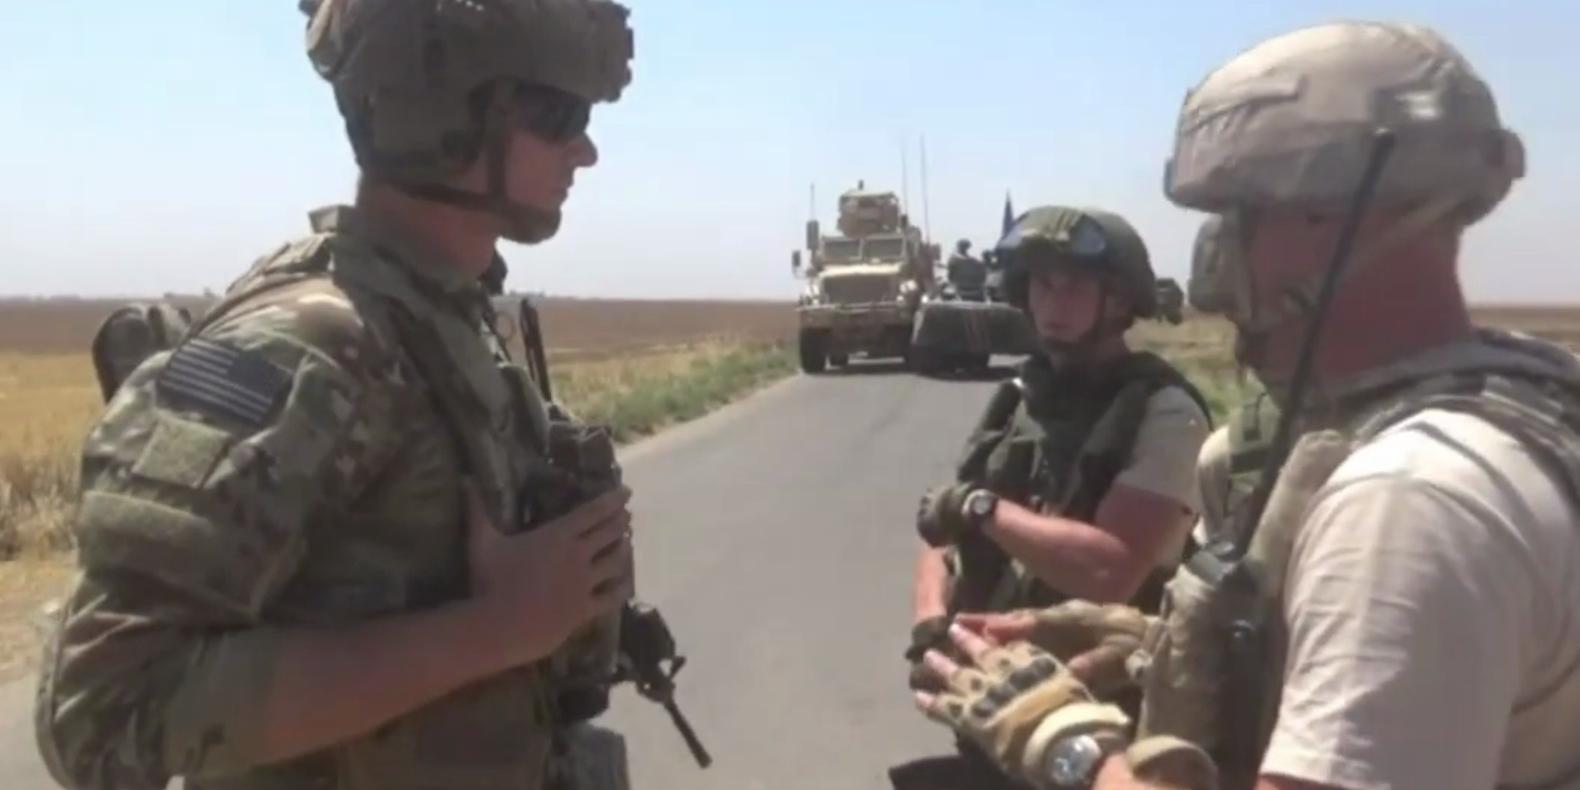 Российские военные в Сирии заблокировали американскую колонну и потребовали их больше не преследовать